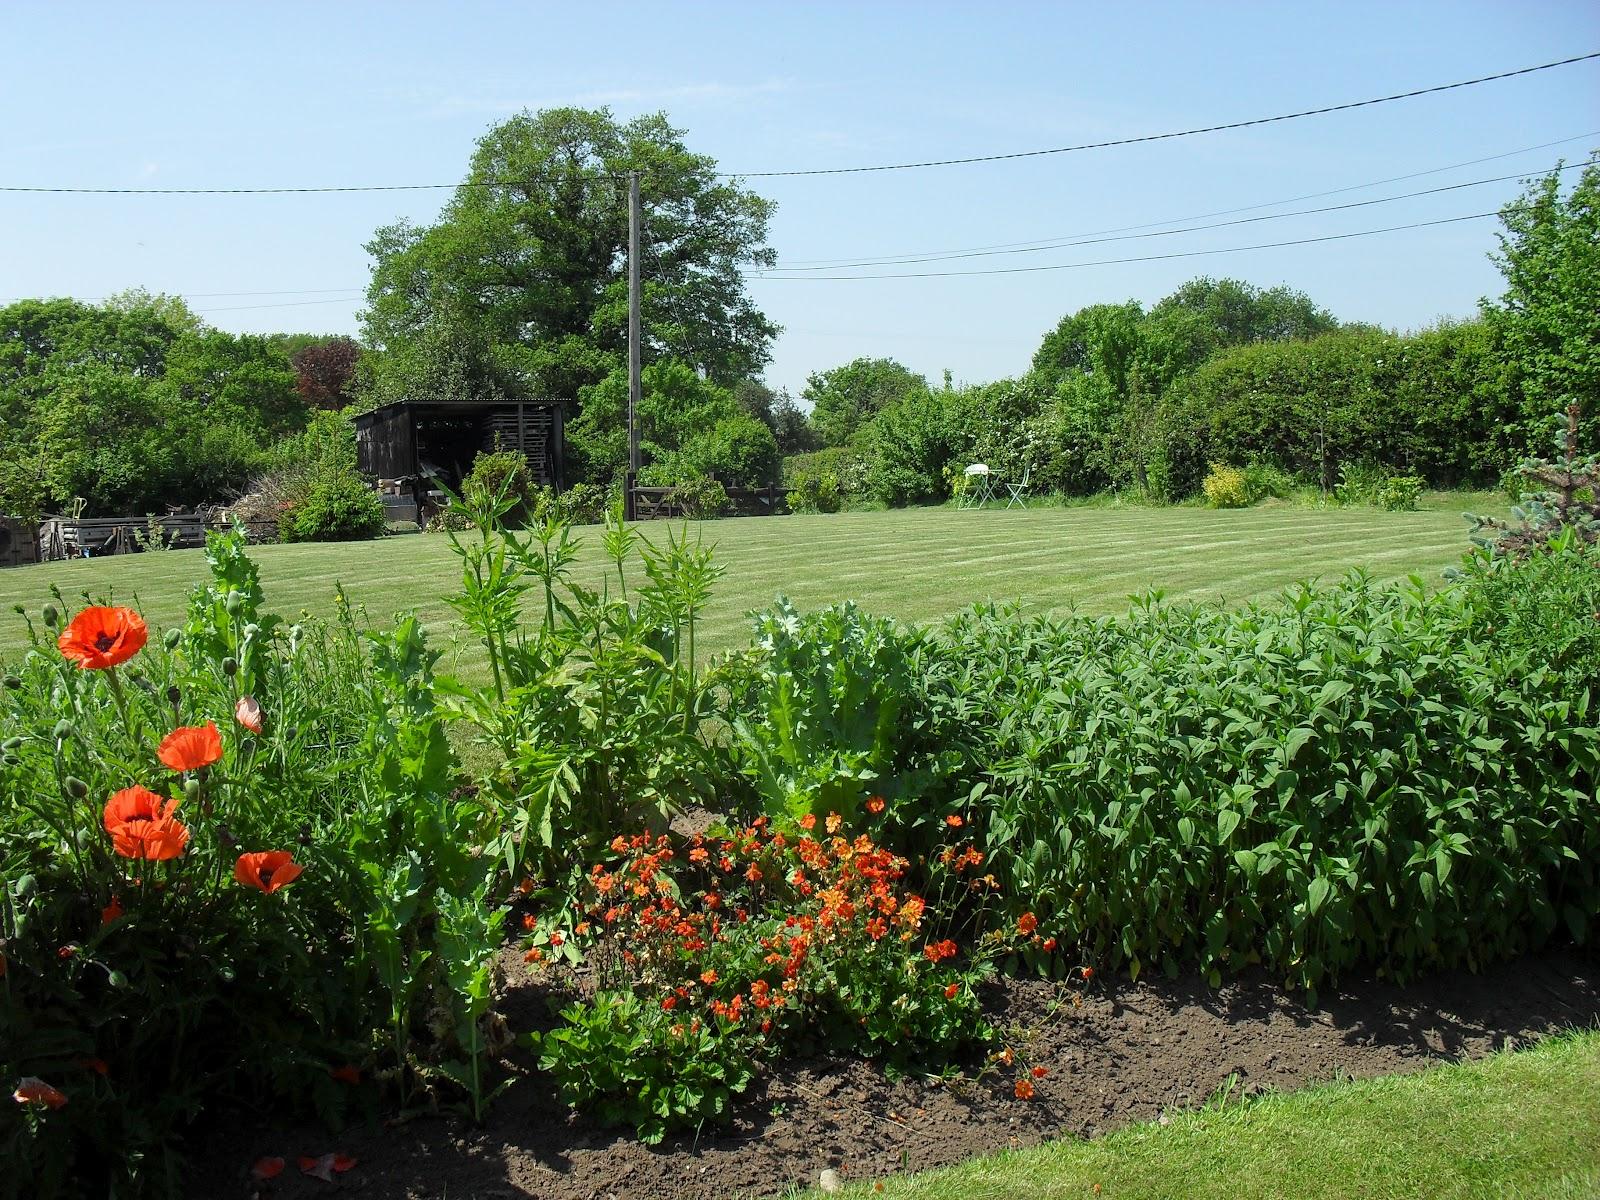 Garden grove borders : Holly grove garden june